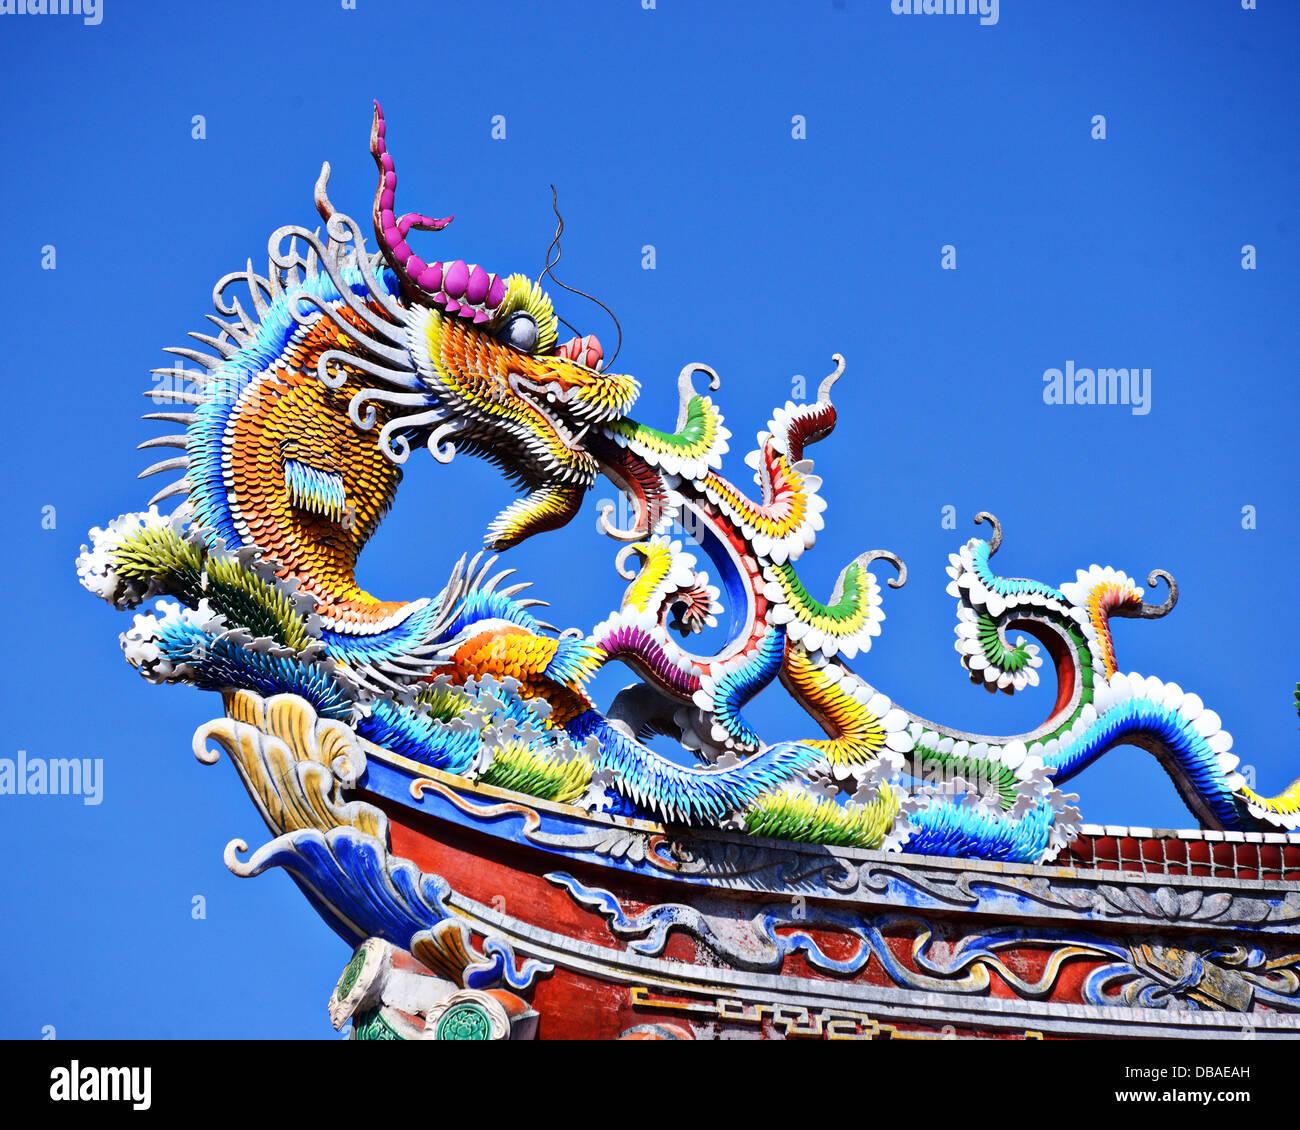 Temple chinois détails dans le ciel. Photo Stock